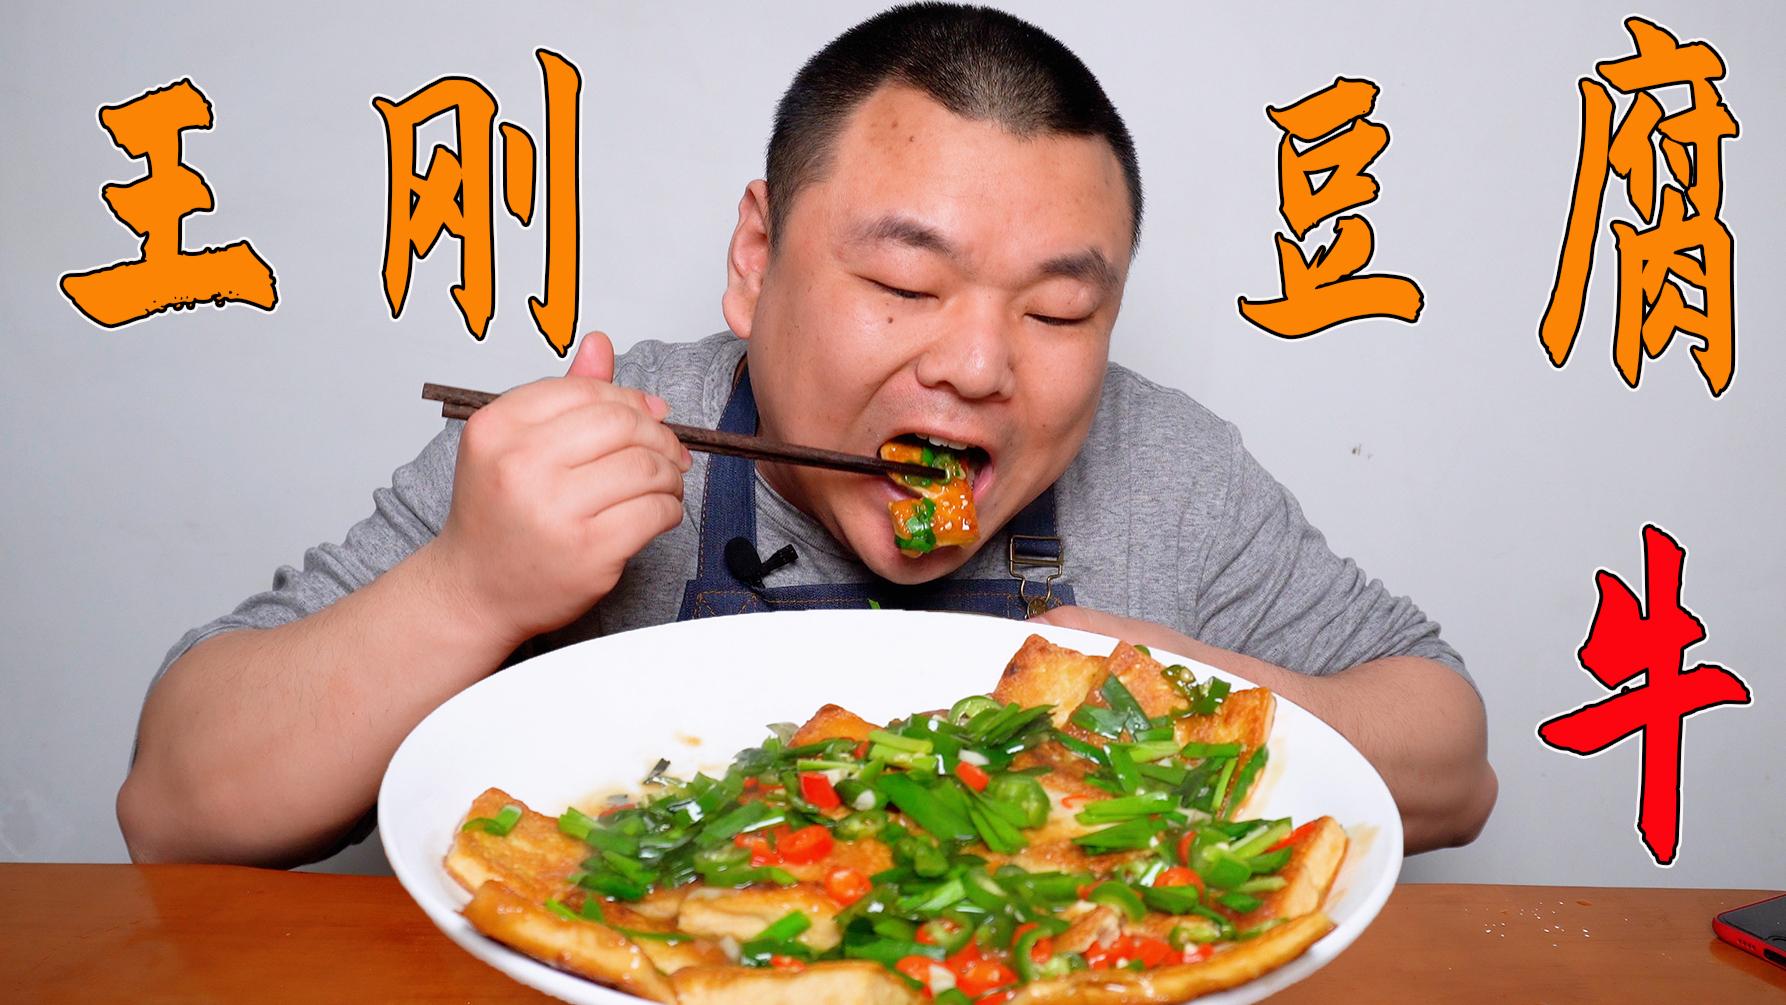 试吃试做:美食作家王刚【懒人烧豆腐】铁板豆腐输了!味道爆炸了